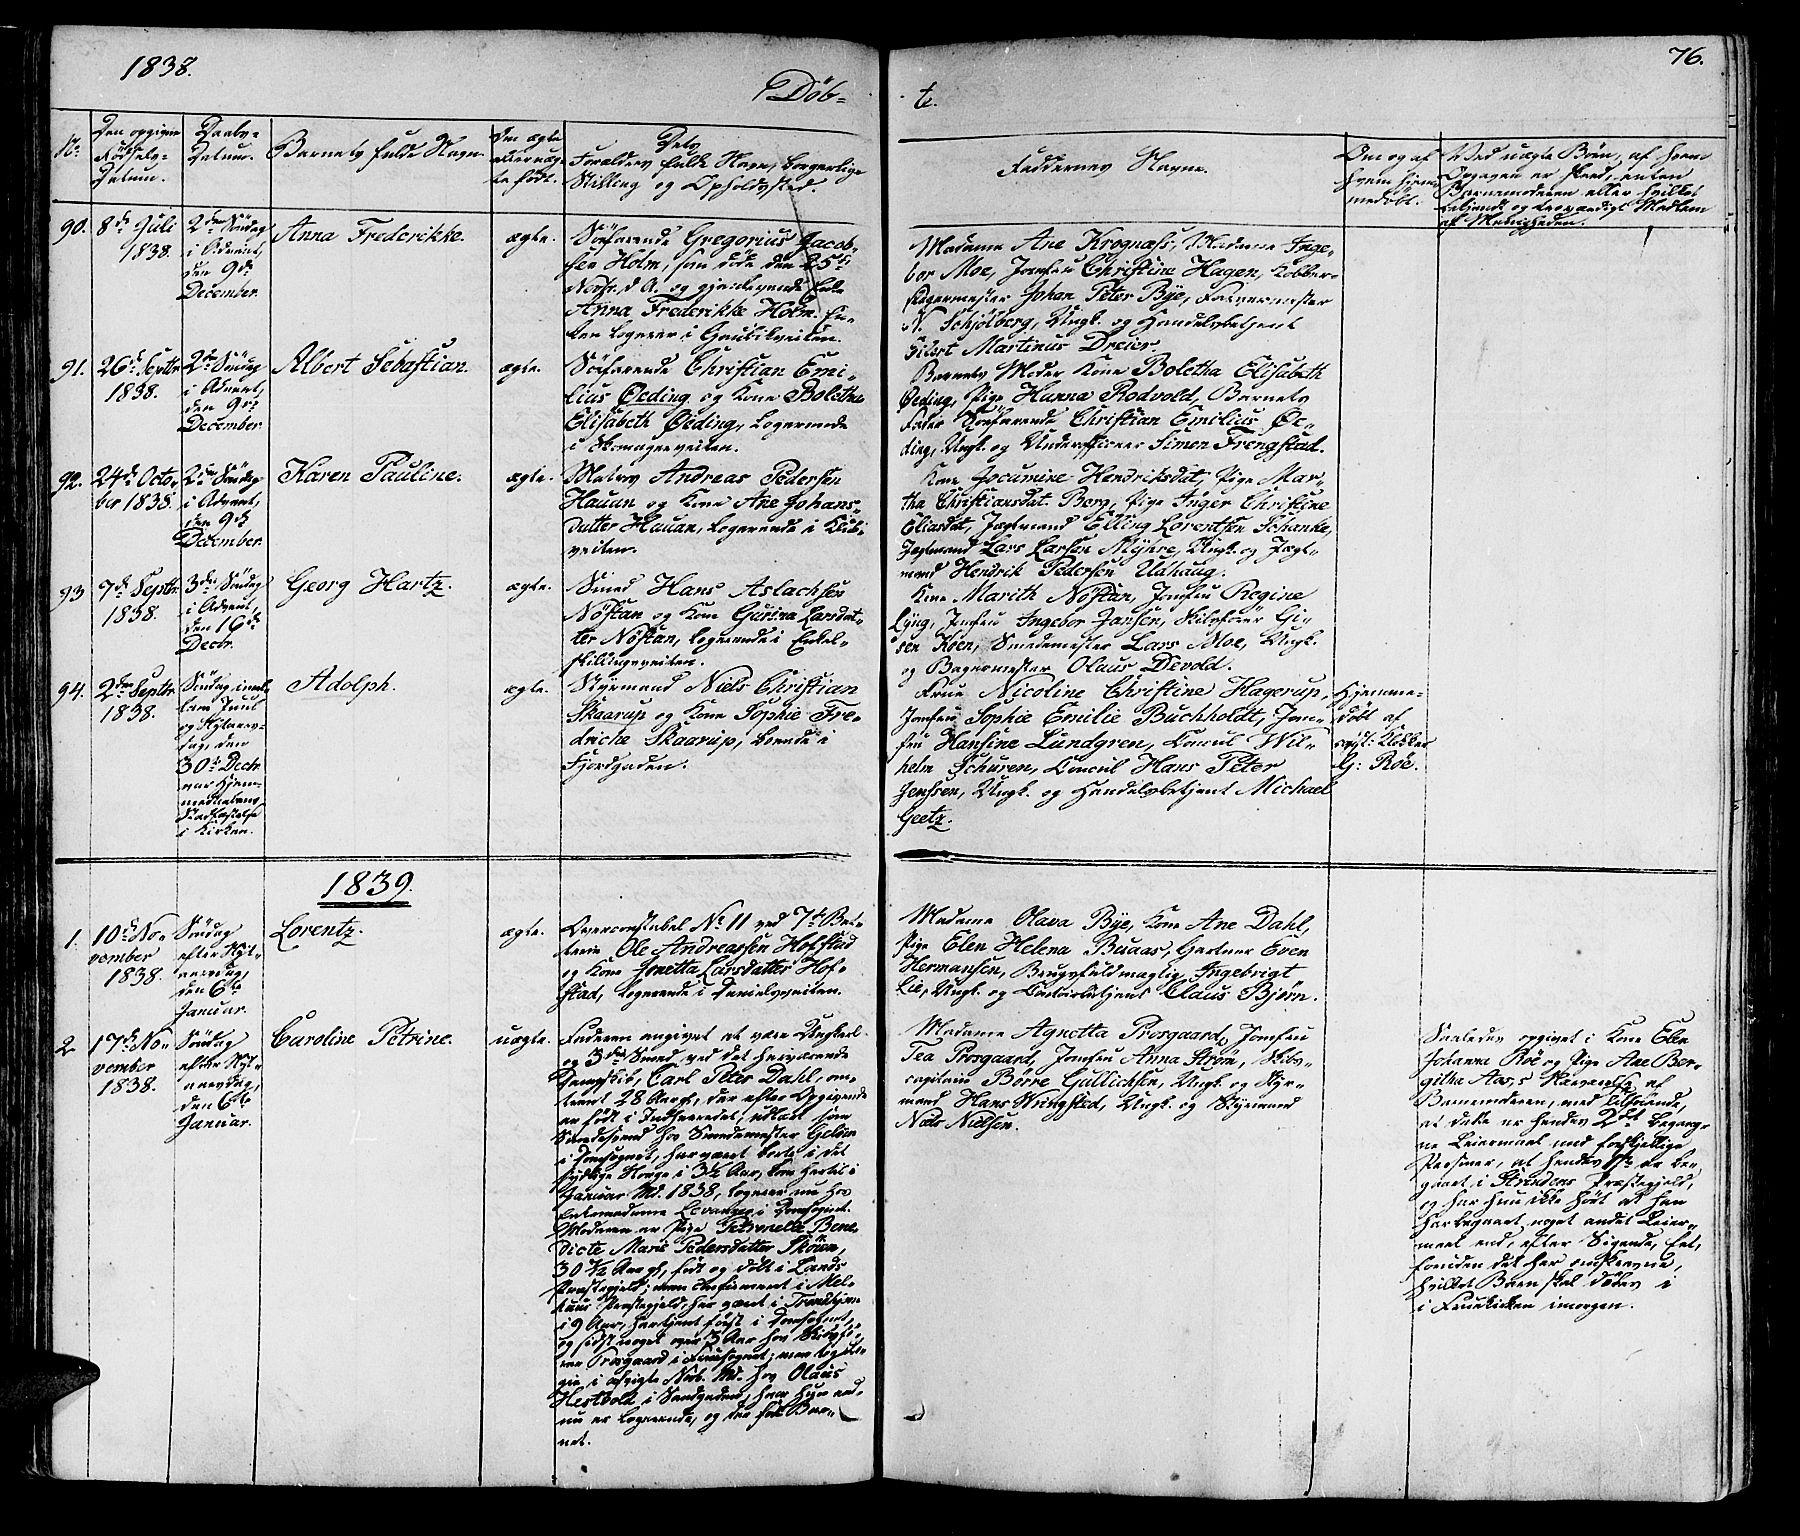 SAT, Ministerialprotokoller, klokkerbøker og fødselsregistre - Sør-Trøndelag, 602/L0136: Klokkerbok nr. 602C04, 1833-1845, s. 76